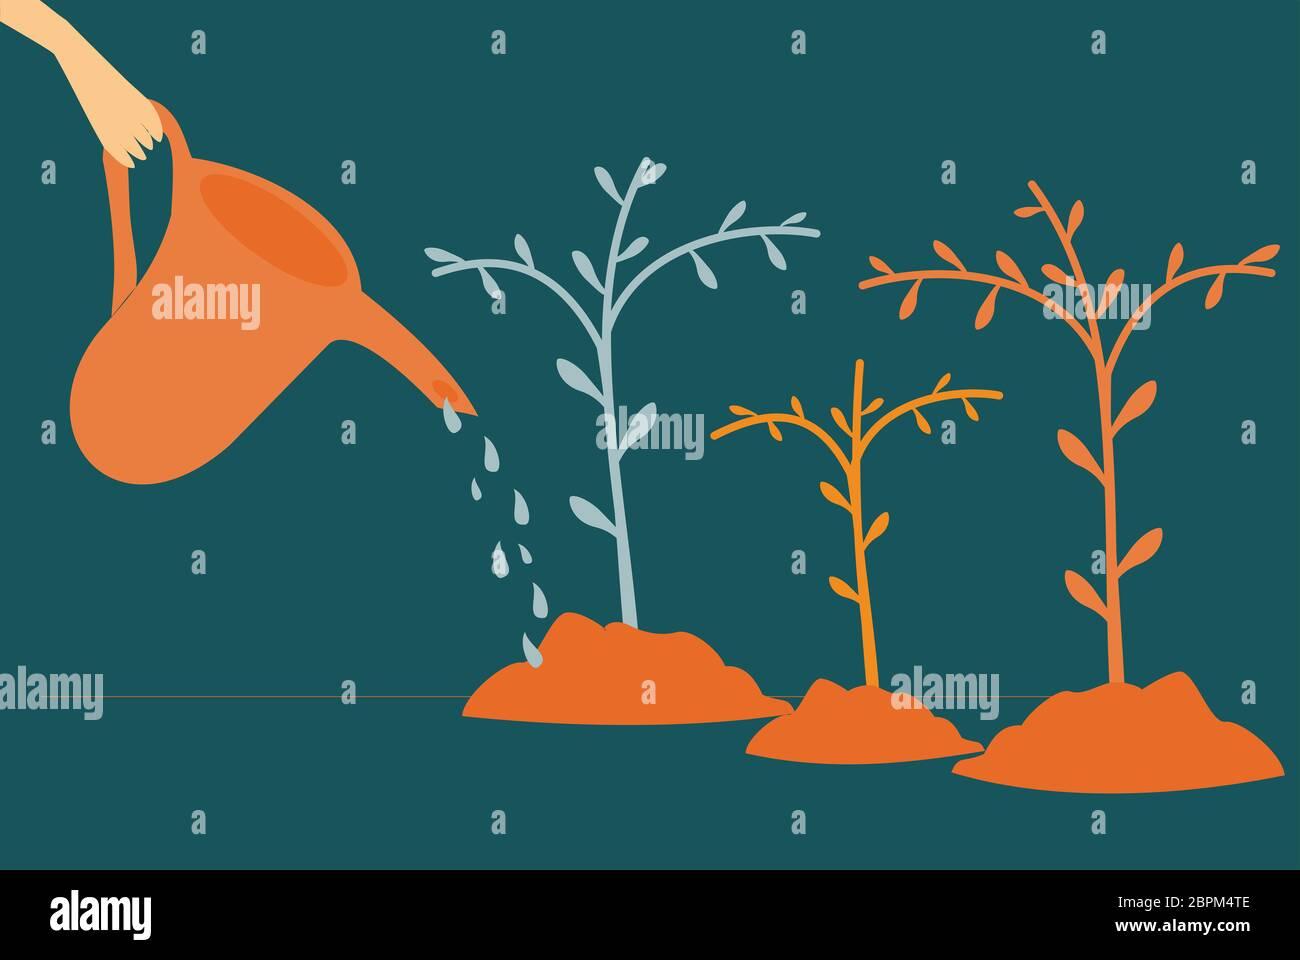 Plantar a mano y regar árboles en el suelo - Ecología y Sostenibilidad Foto de stock